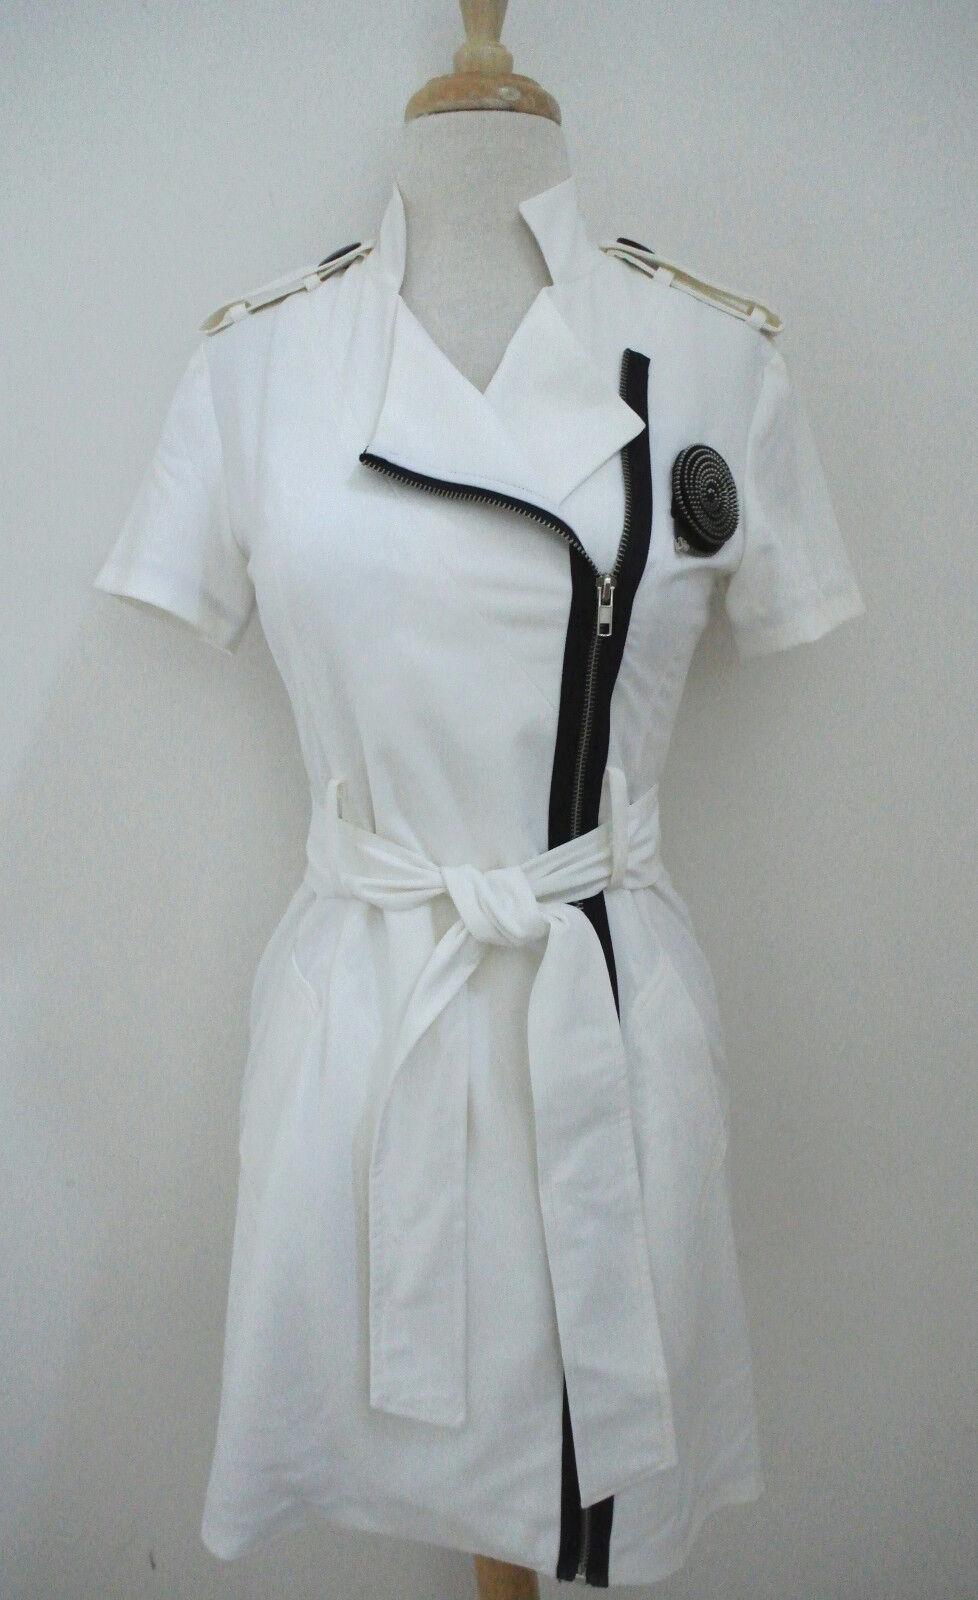 MARC JACOBS Weiß shirt dress sz 2 exposed zipper trim